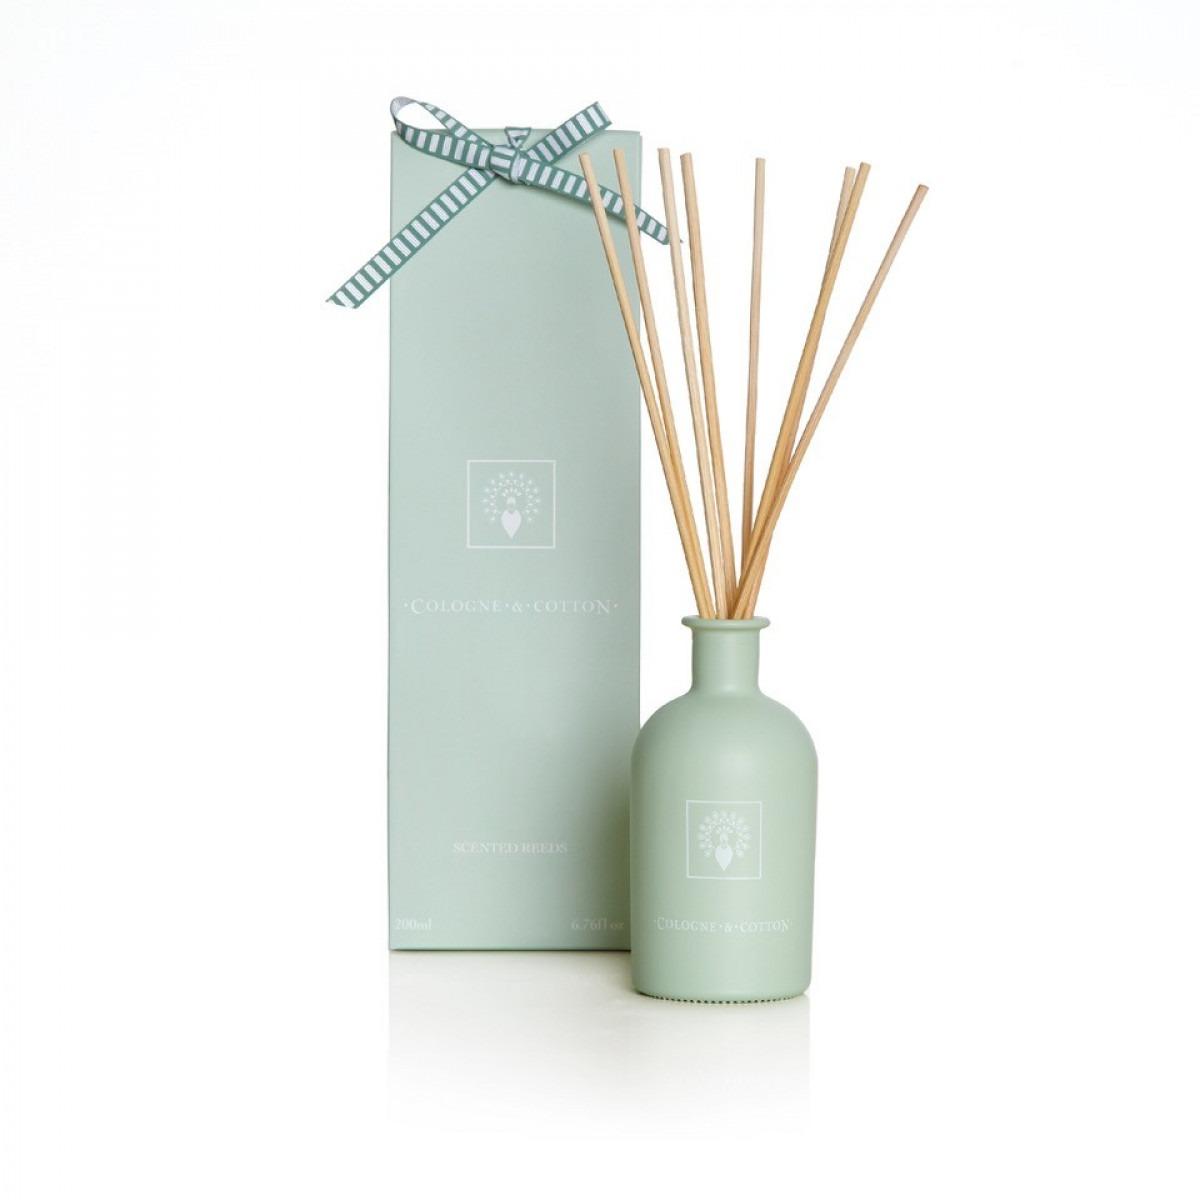 Cologne & Cotton Diffuser & Refill - Lavender Geranium